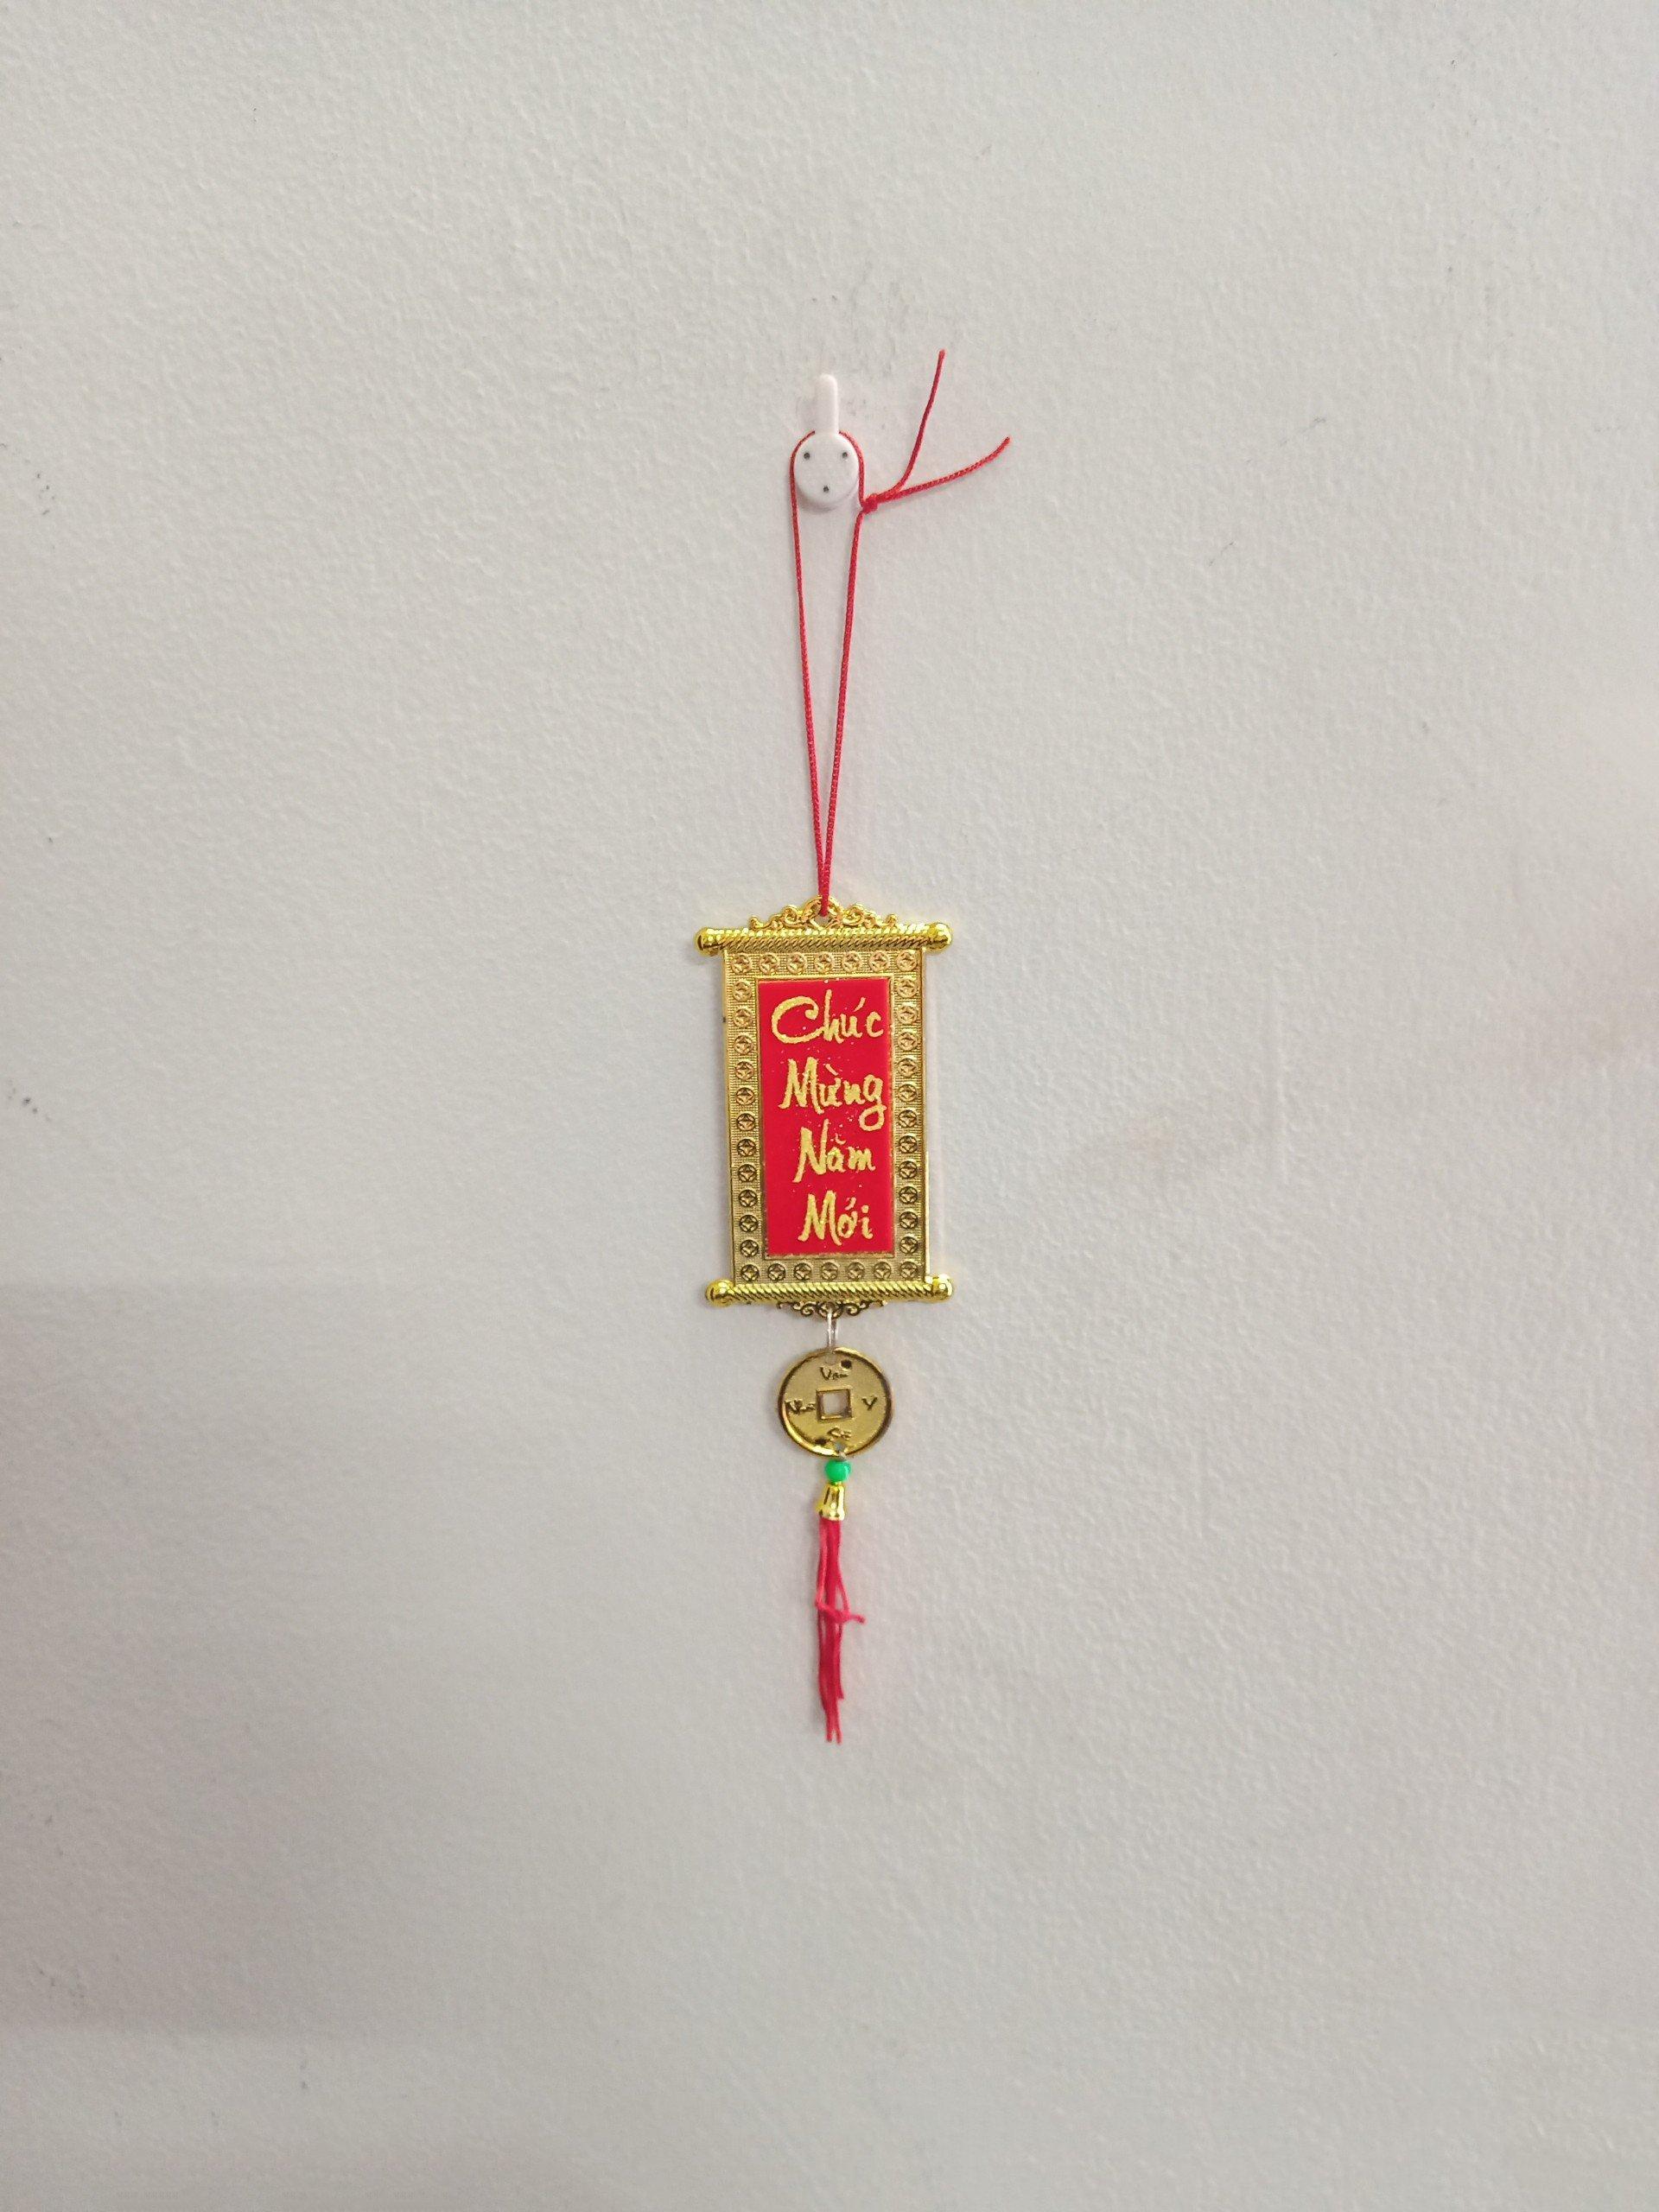 Dây lộc treo trang trí tết Chúc mừng năm mới (bộ 10 dây)